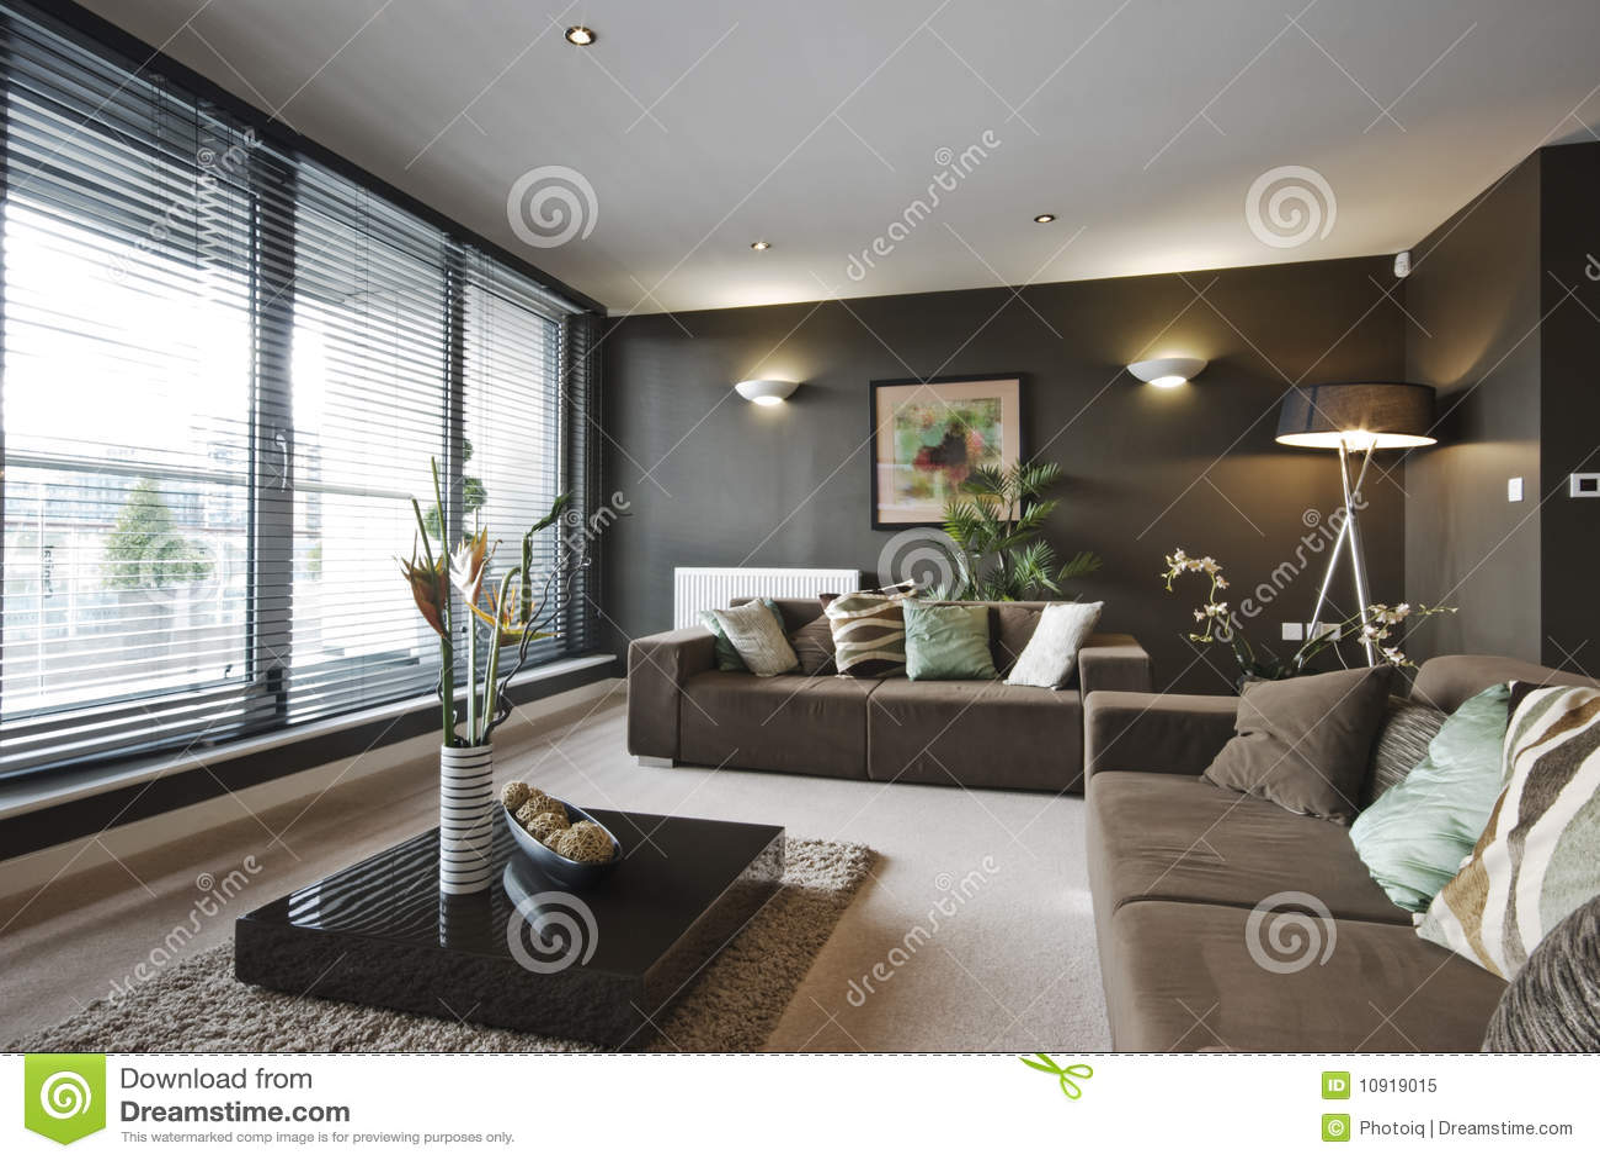 salon cheminee contemporain